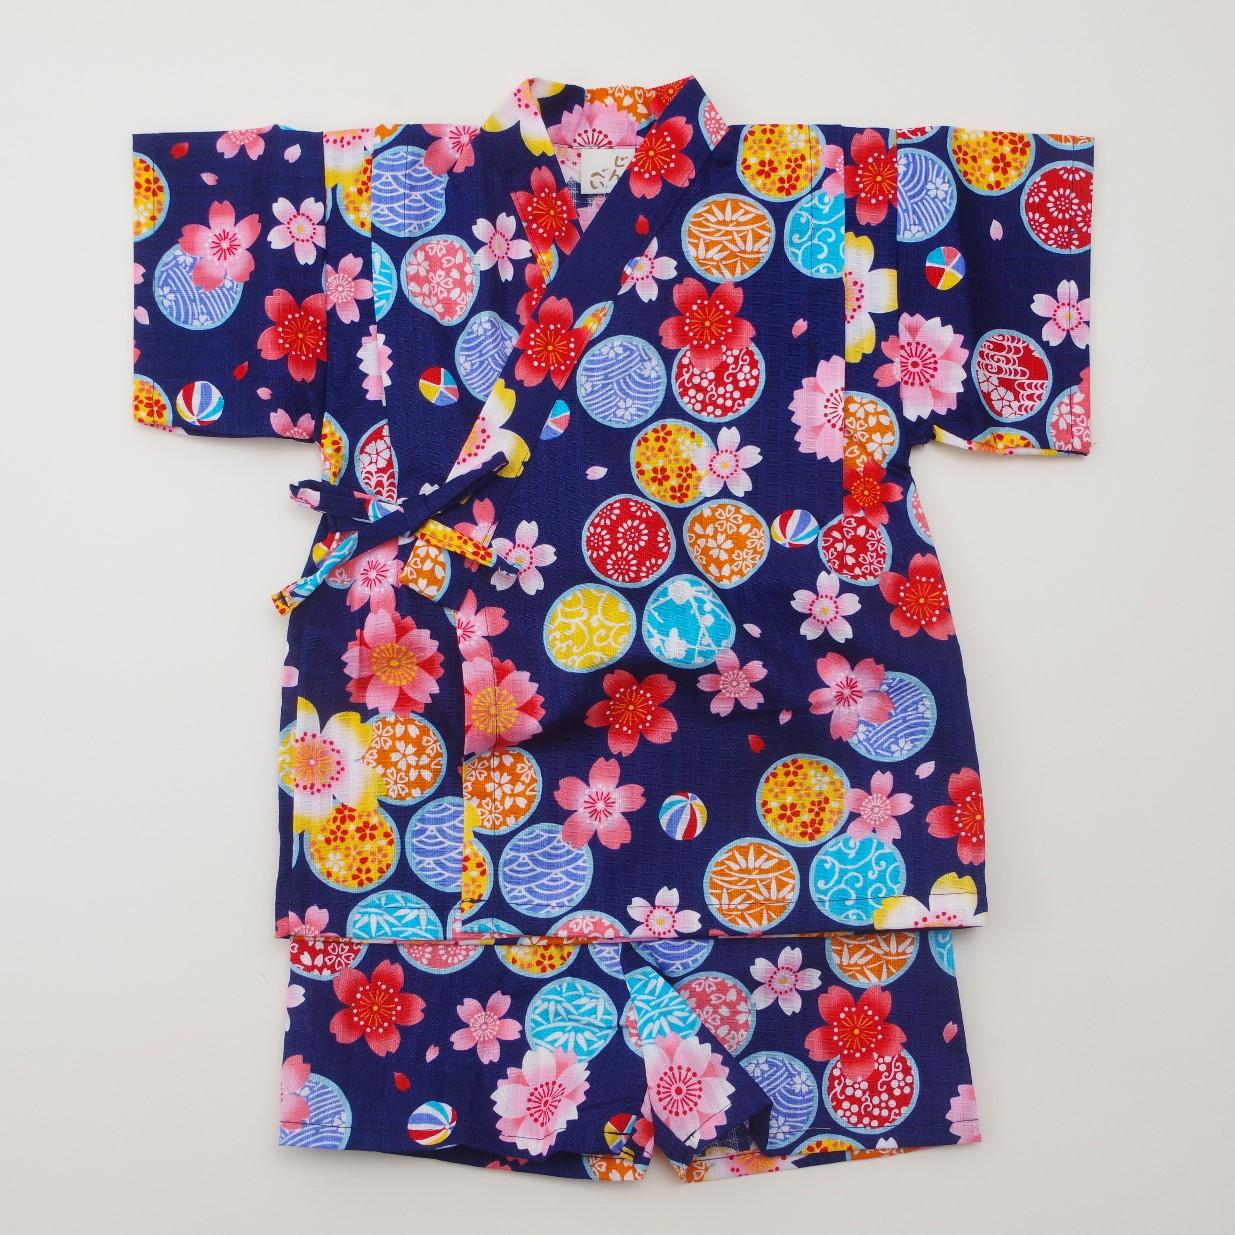 日本製 甚平スーツ 女の子 花 ネイビー  90/95cm (920971)